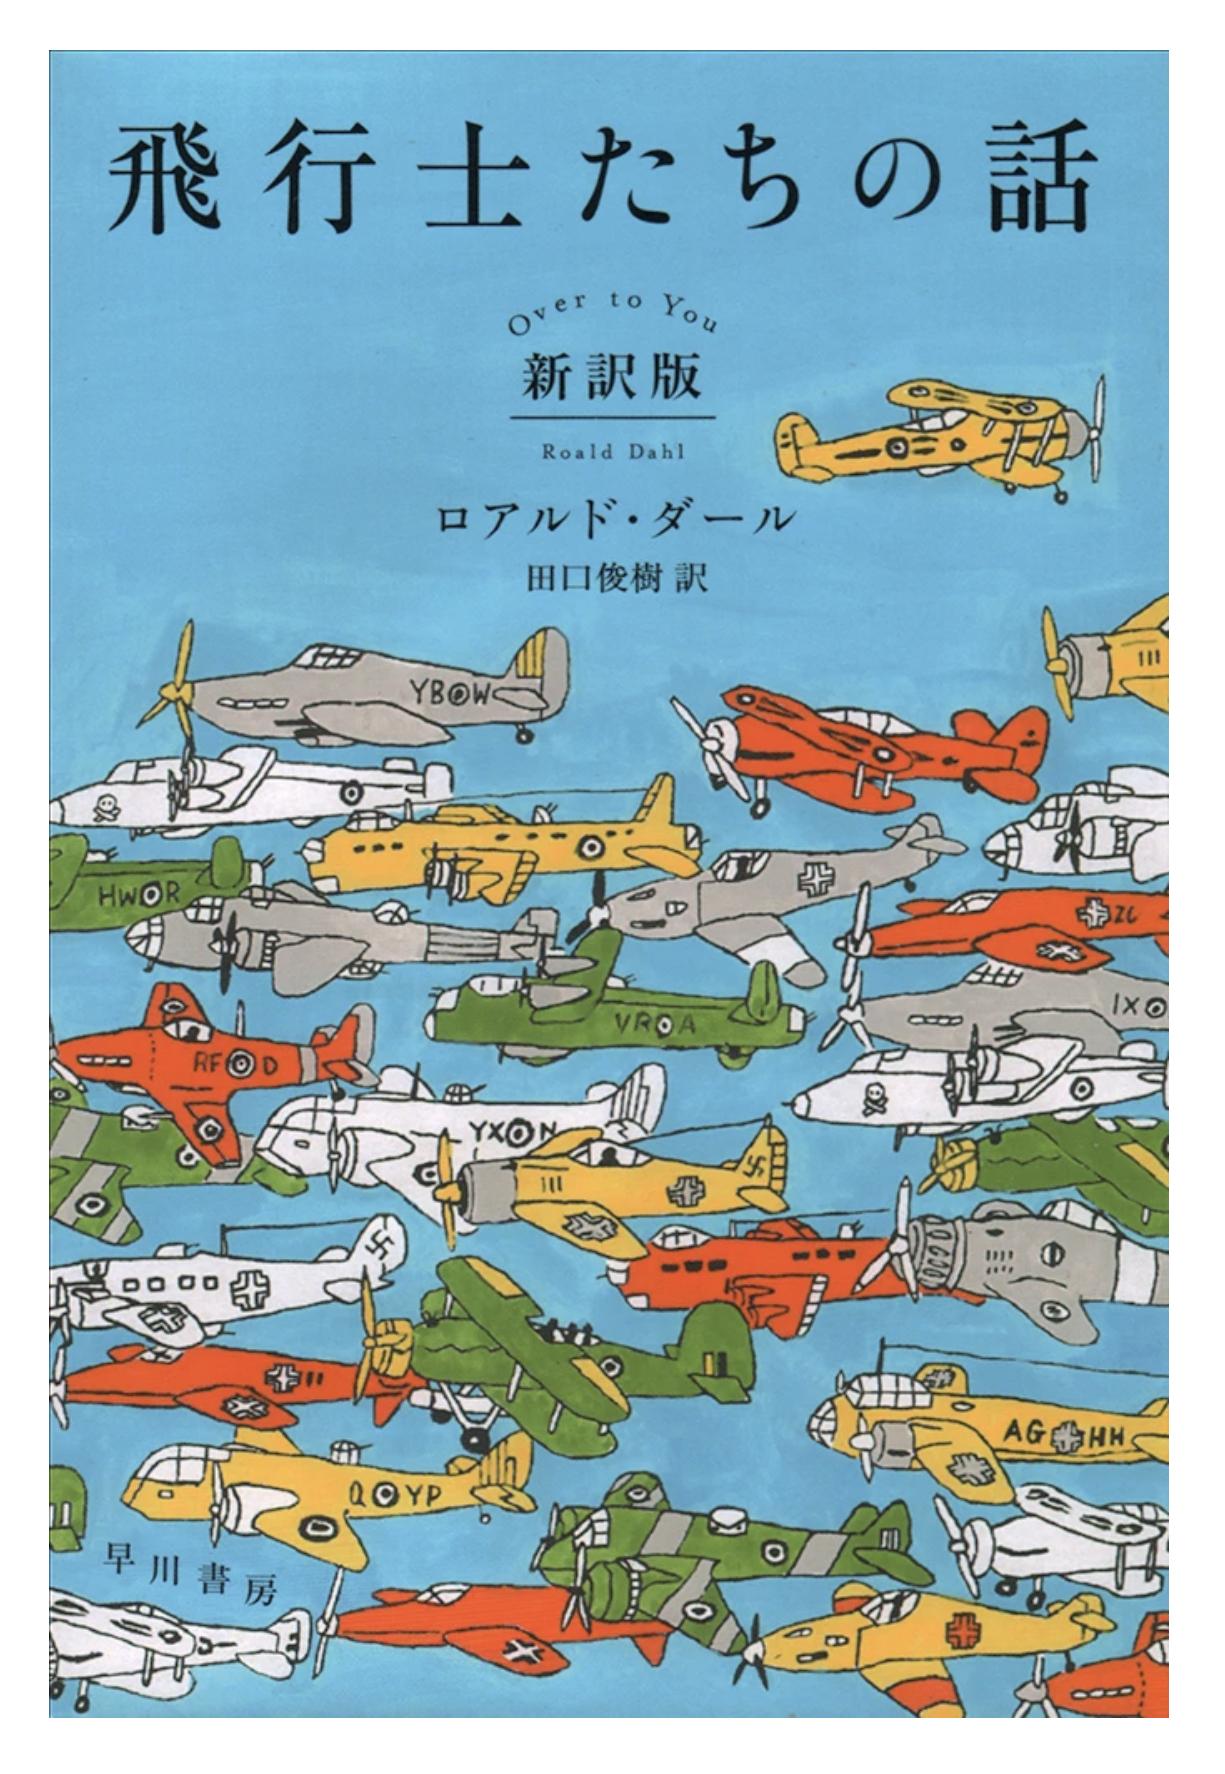 飛行士たちの話(新訳版)装画